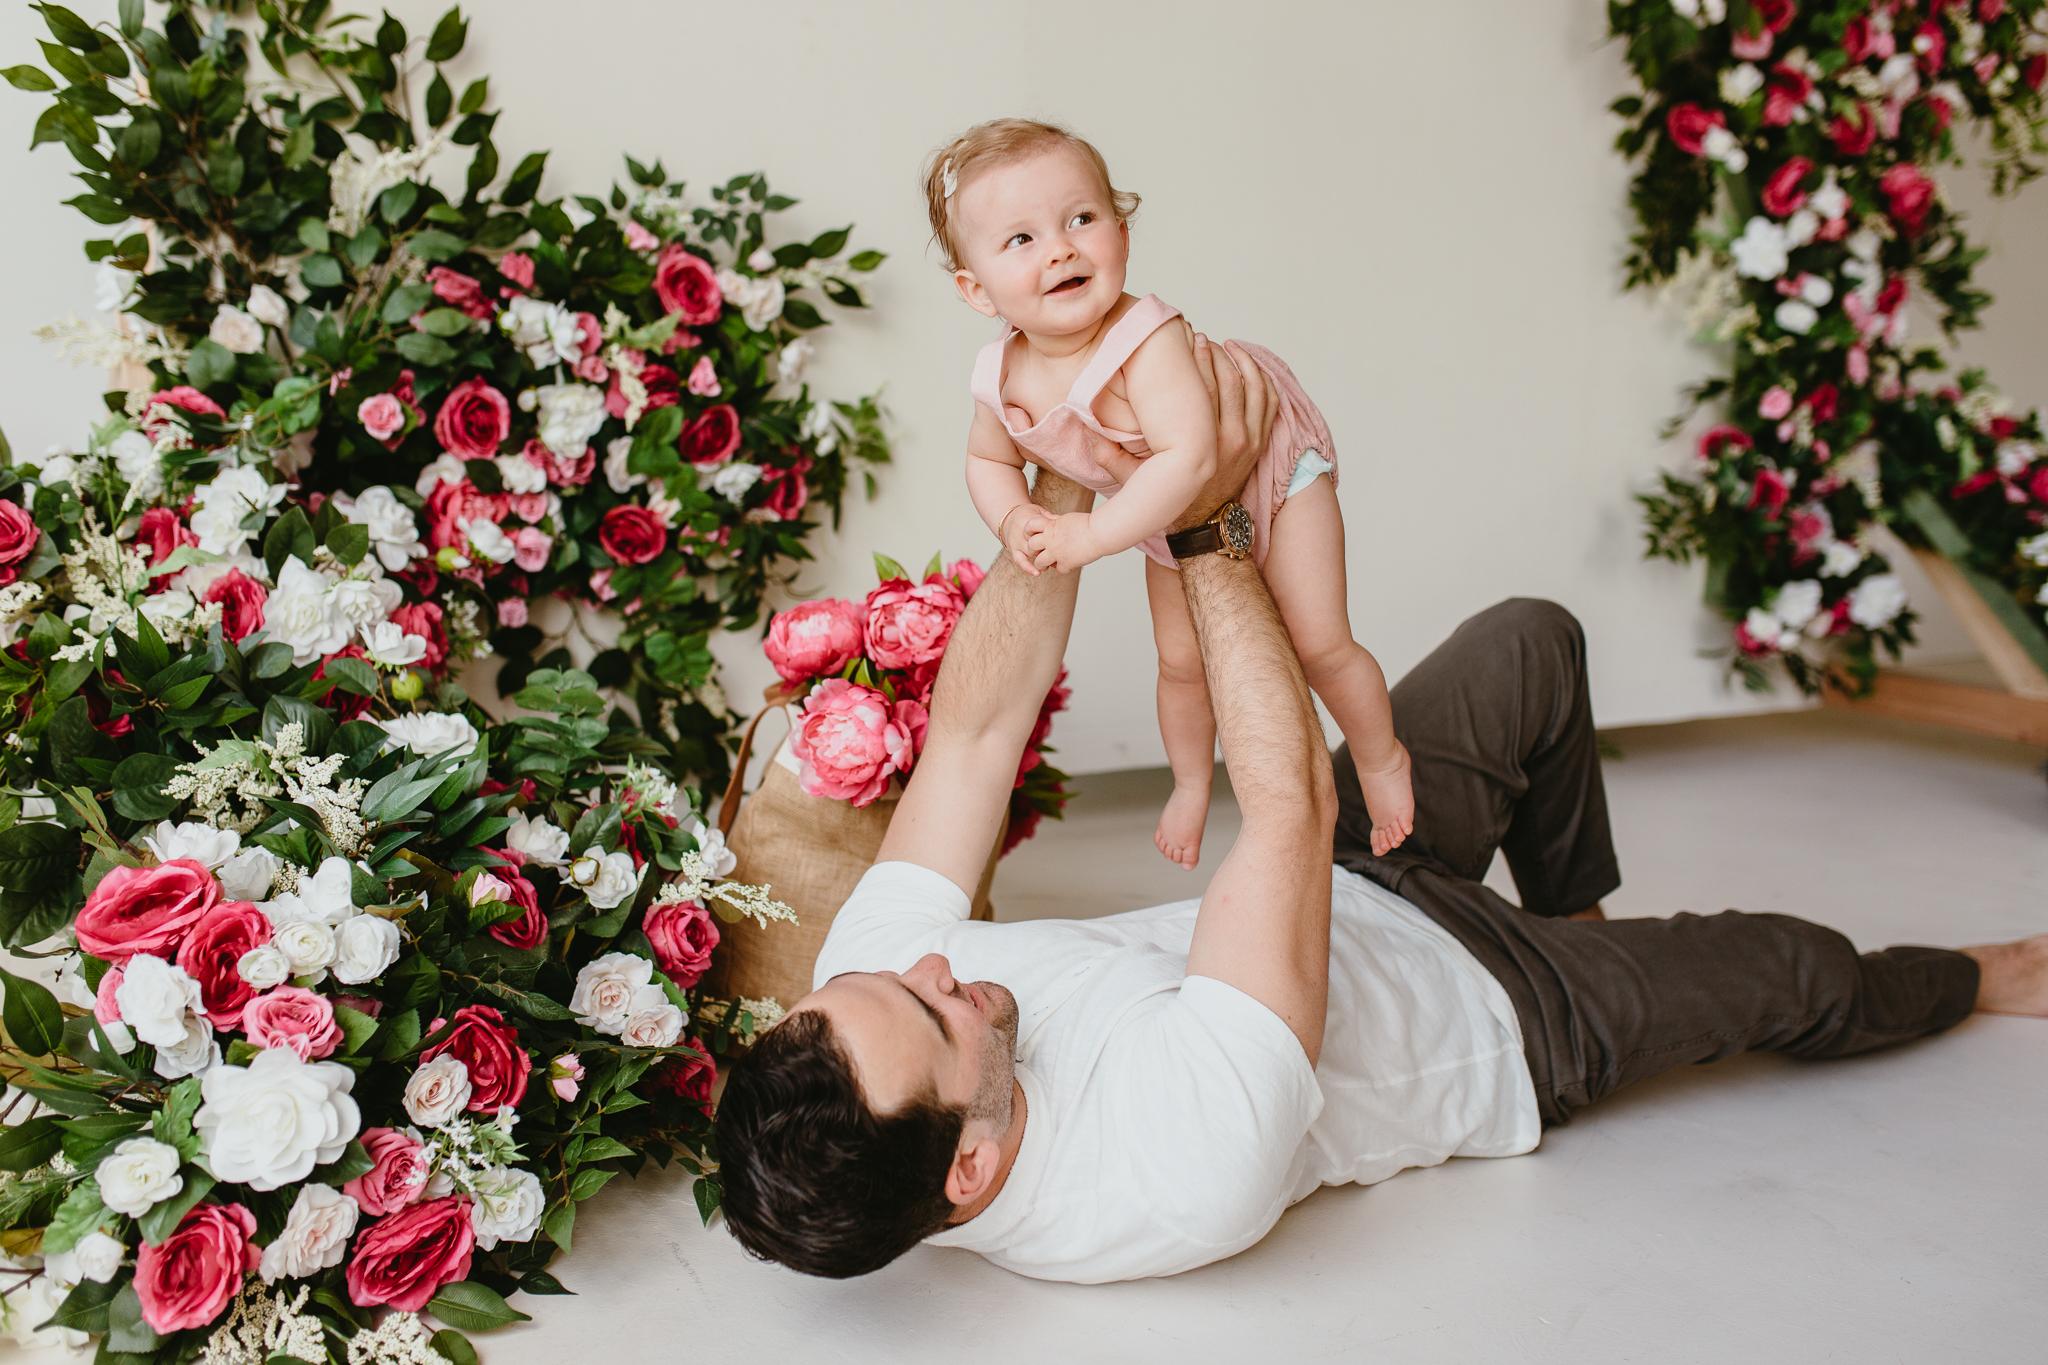 denver-family-photographer-photo-studio-10.jpg